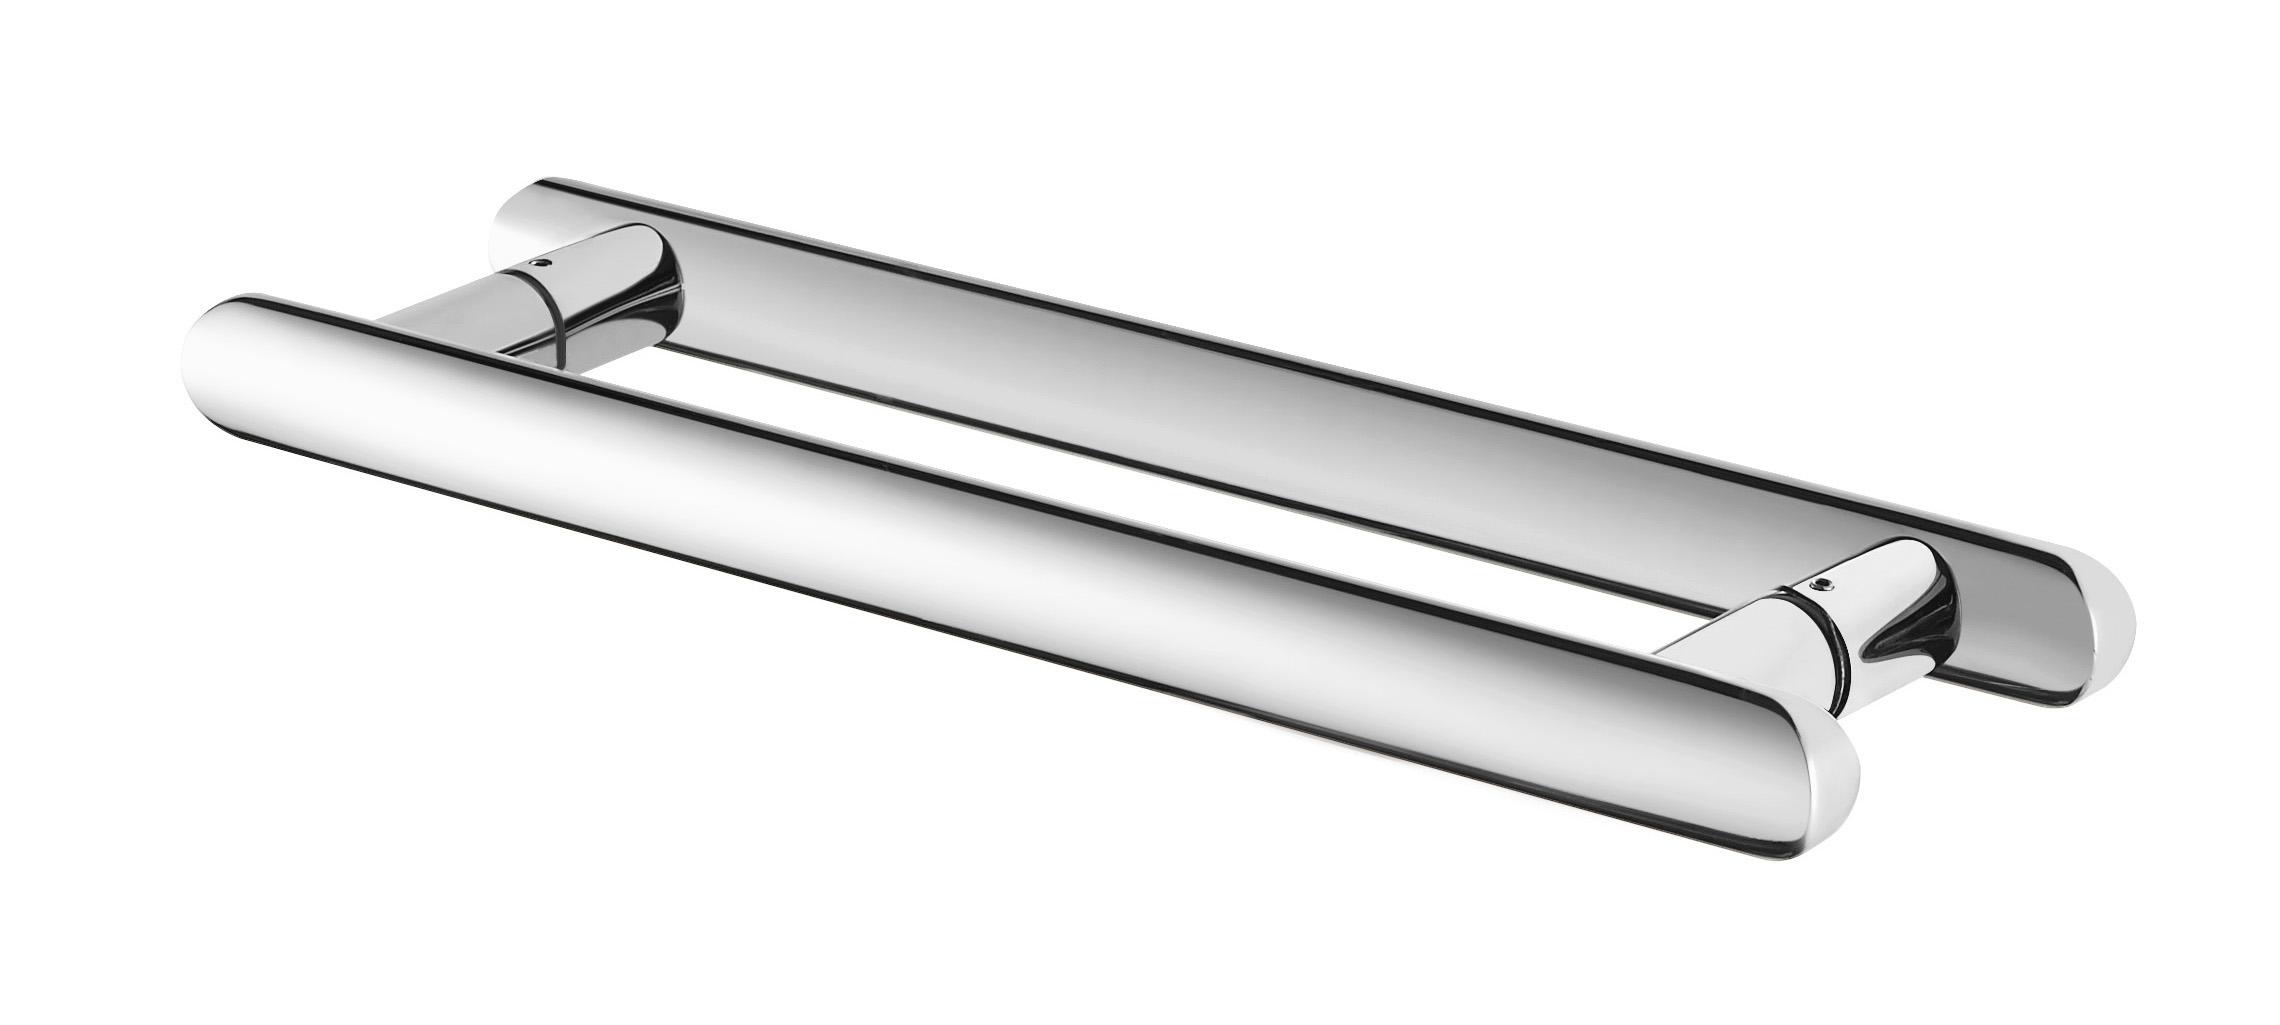 椭圆管对抽拉手